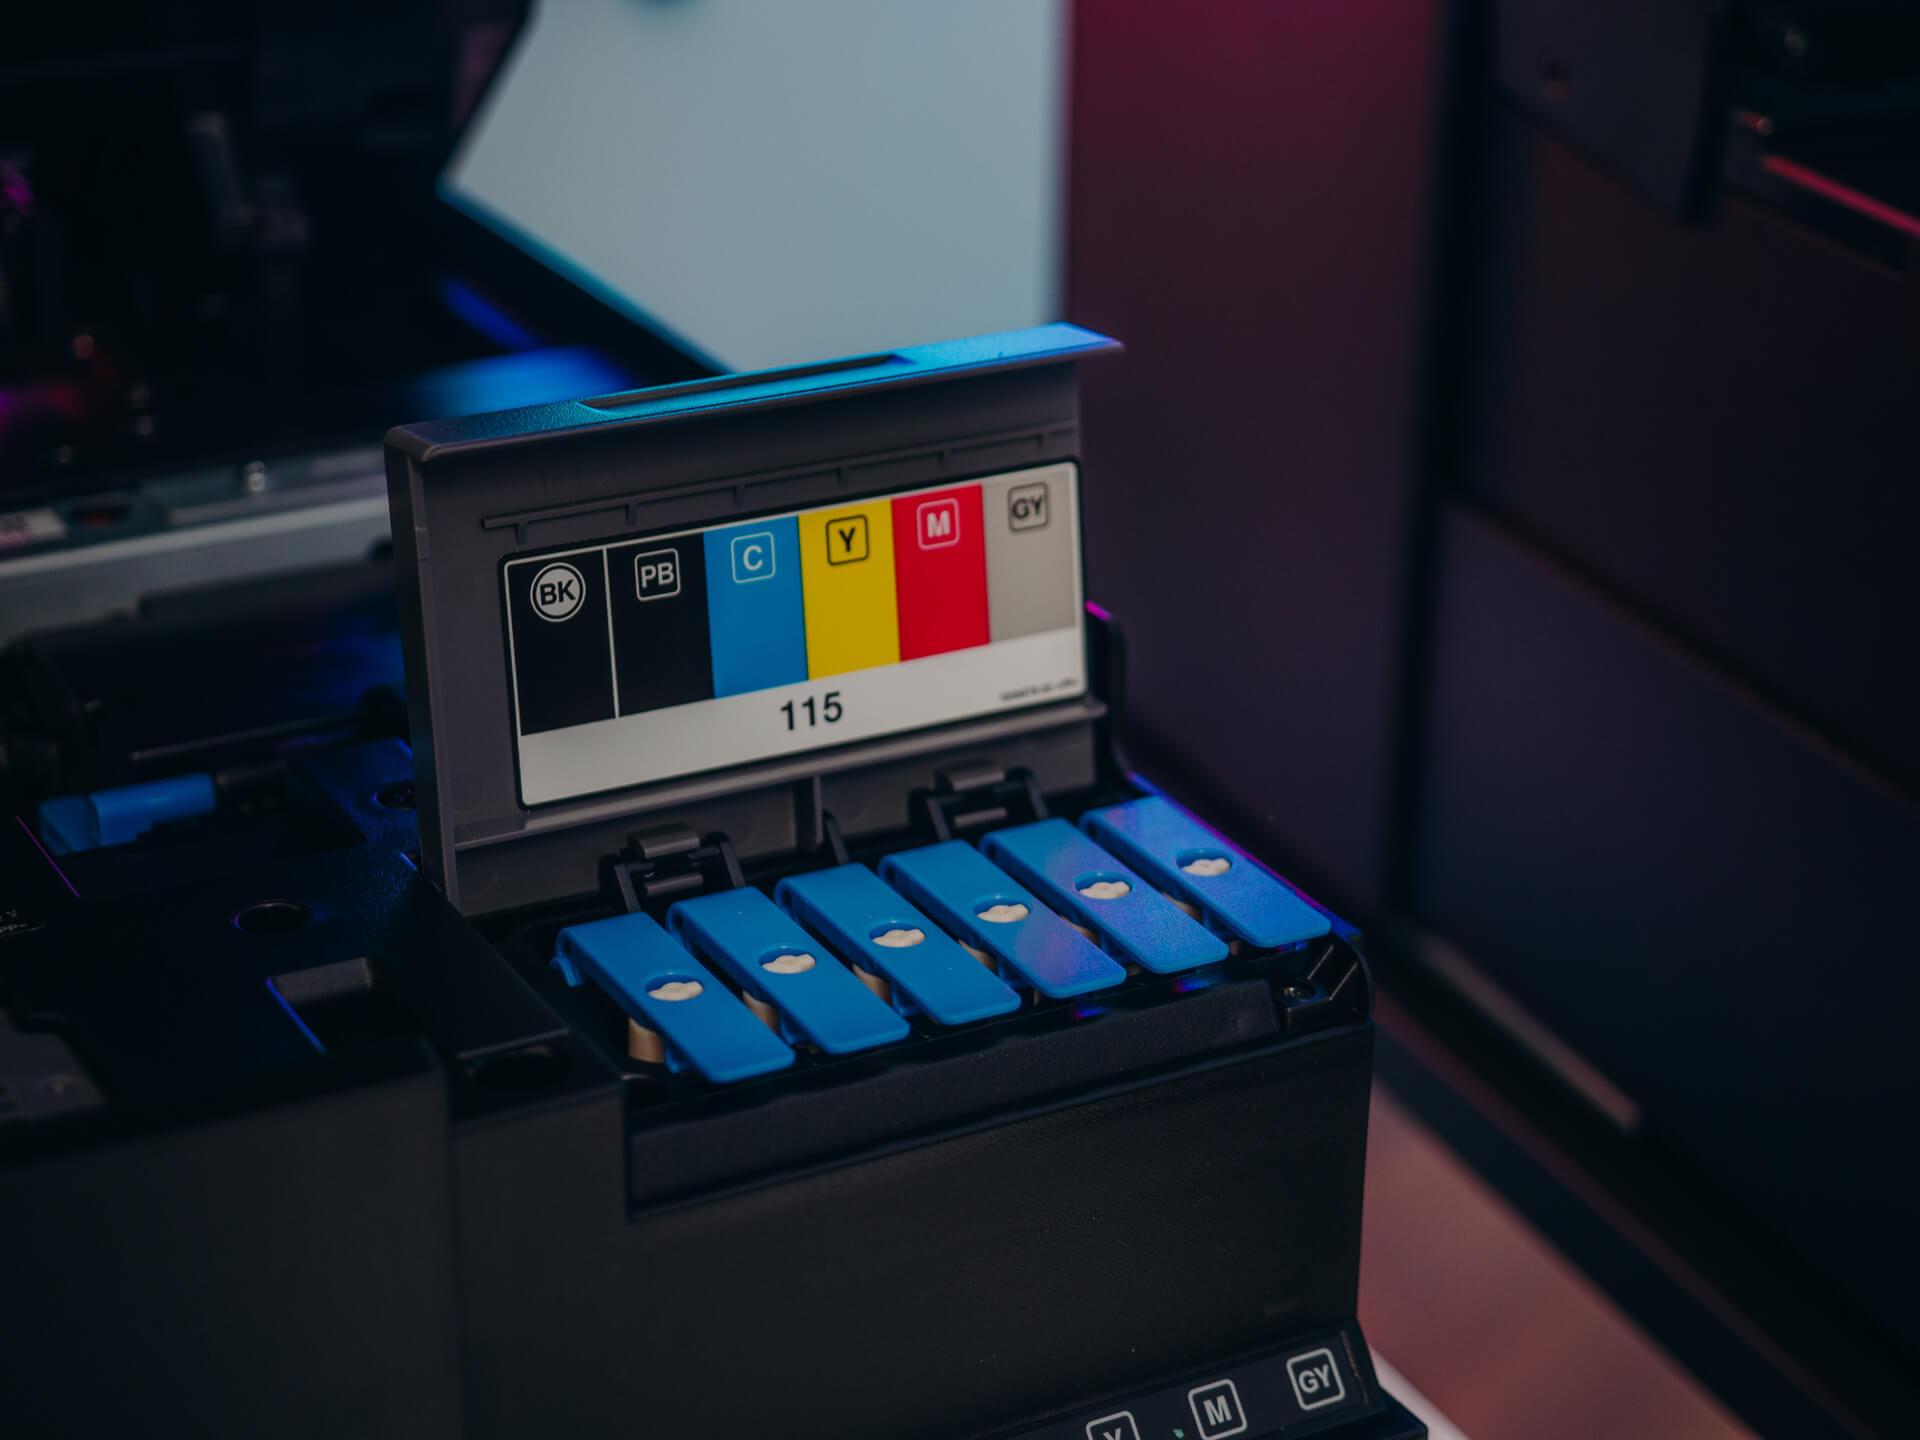 Epson EcoTank L8180 bazuje na 6 kolorach, z czego jednocześnie drukuje z 5 atramentów - szósty to czarny pigment do druku dokumentów.